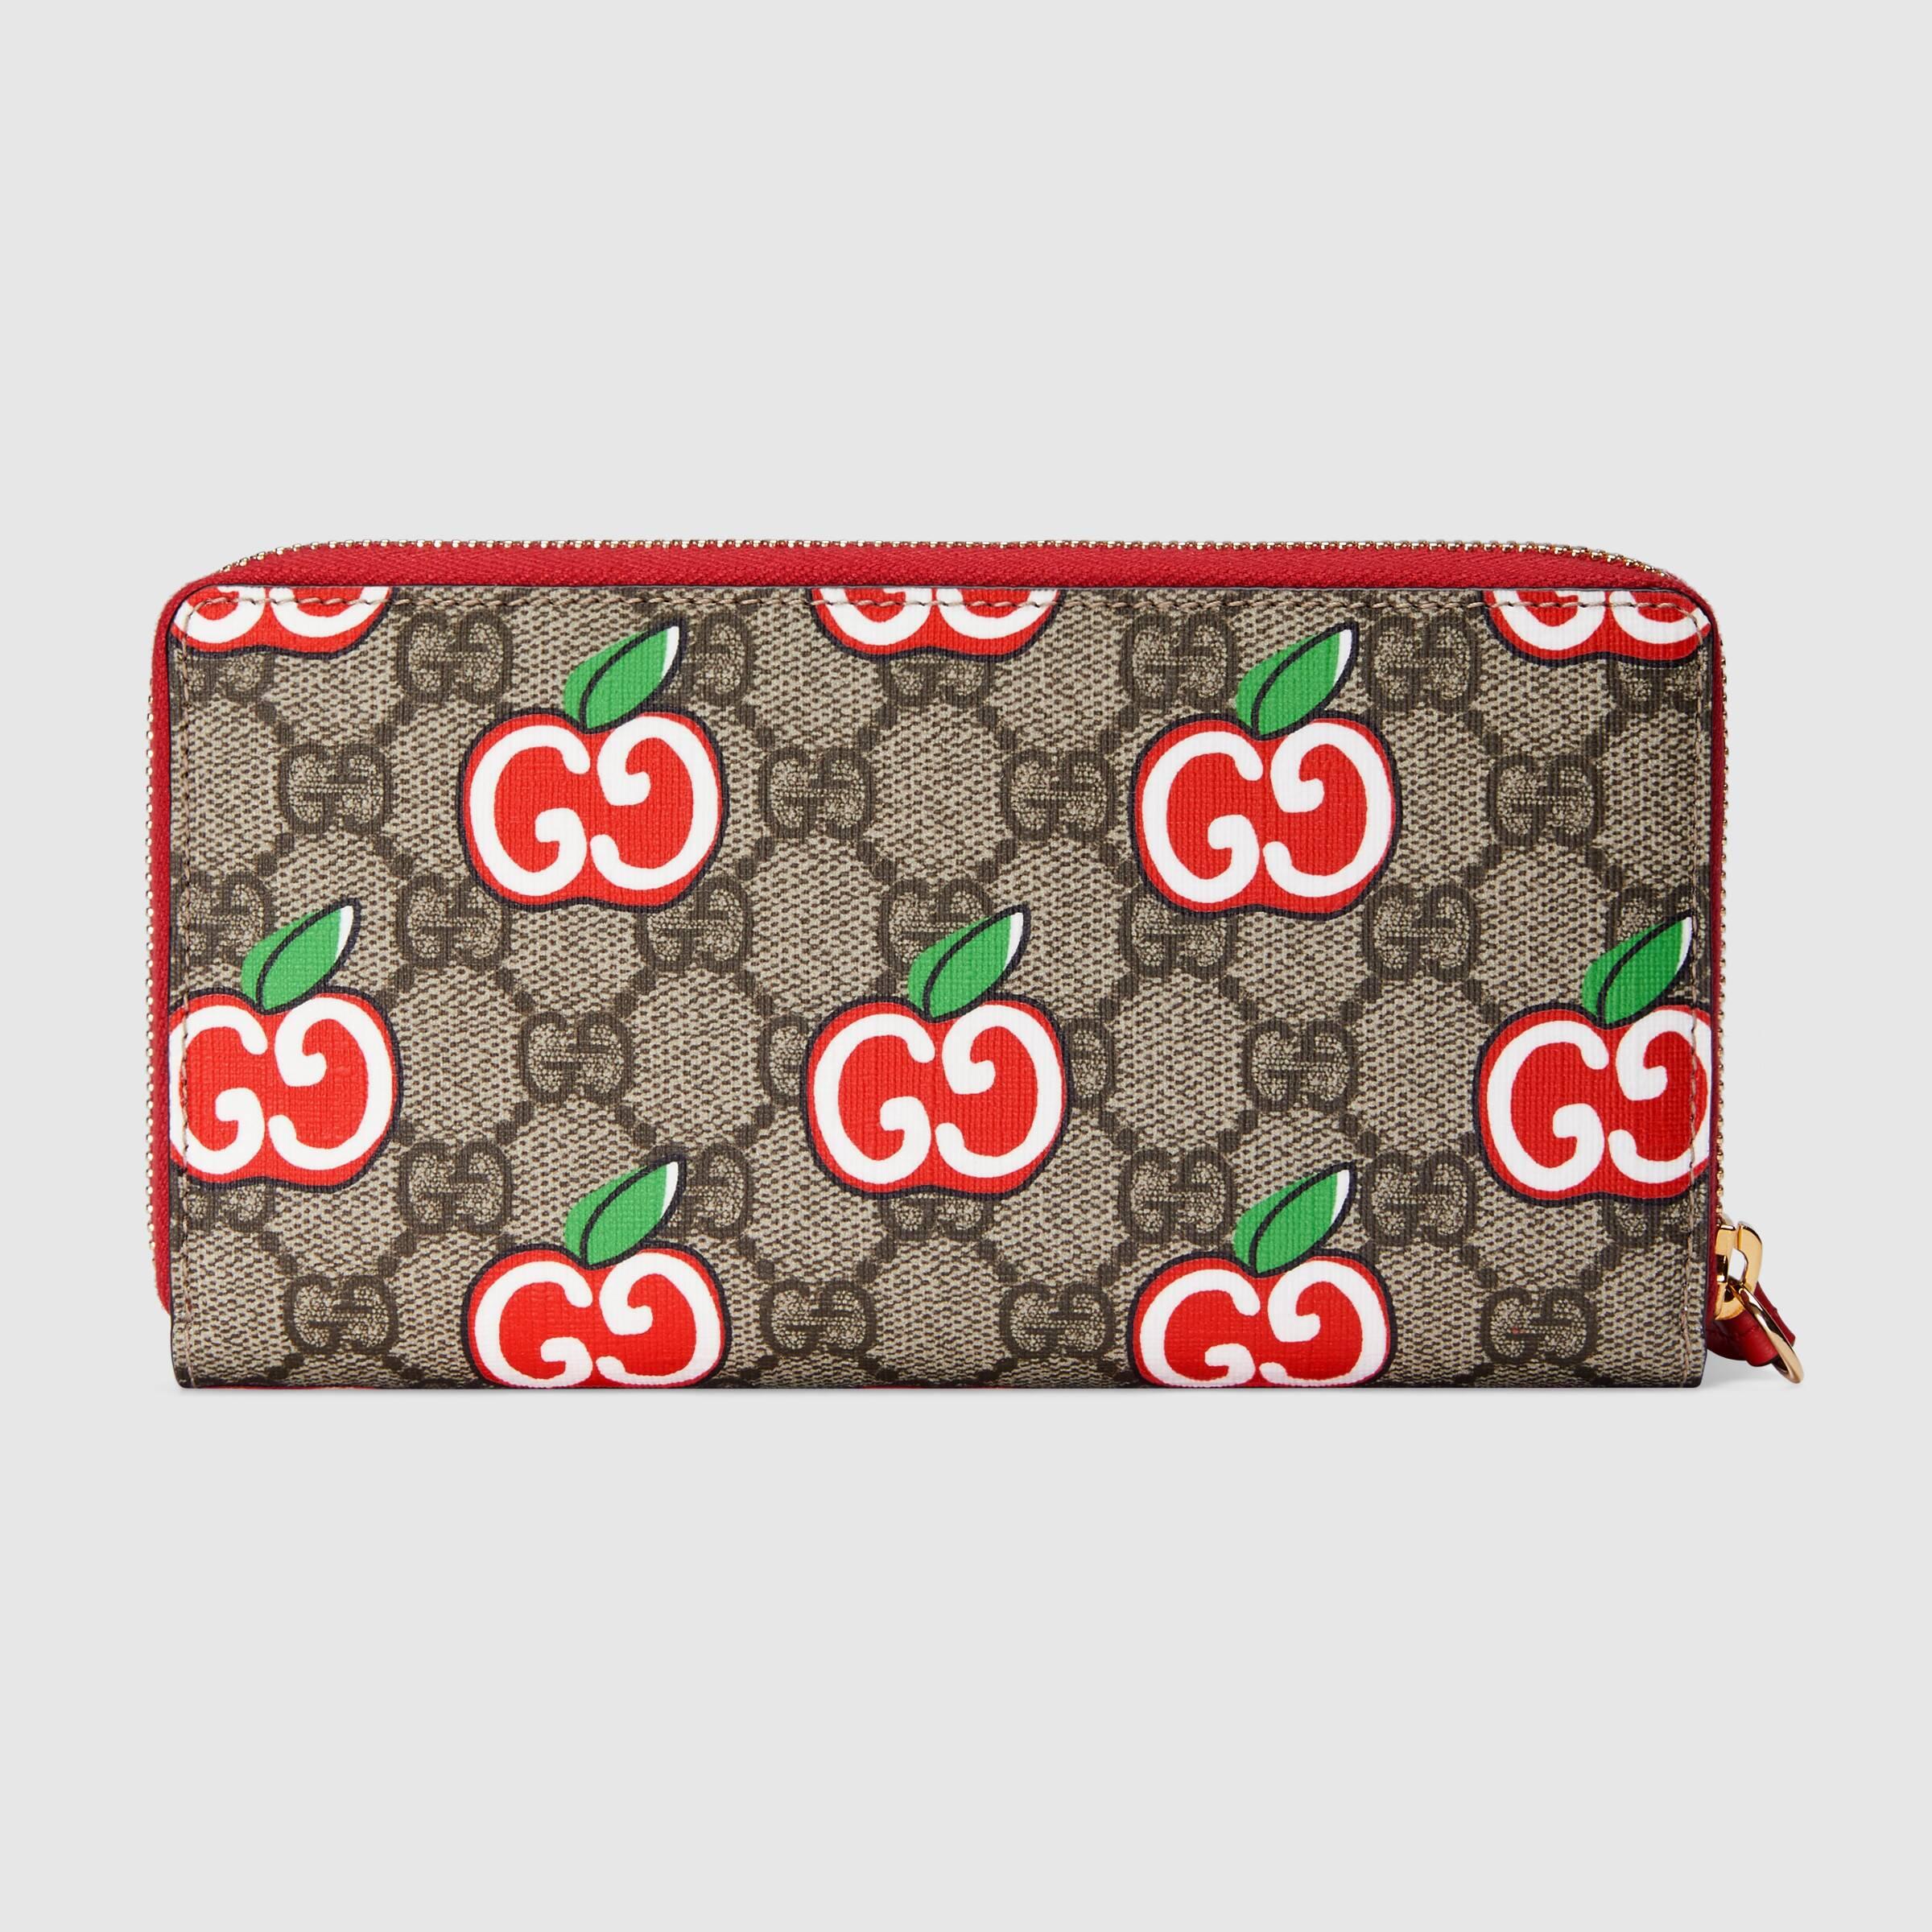 유럽직배송 구찌 GUCCI Gucci Chinese Valentine's Day zip around wallet 6248802EVAG8646